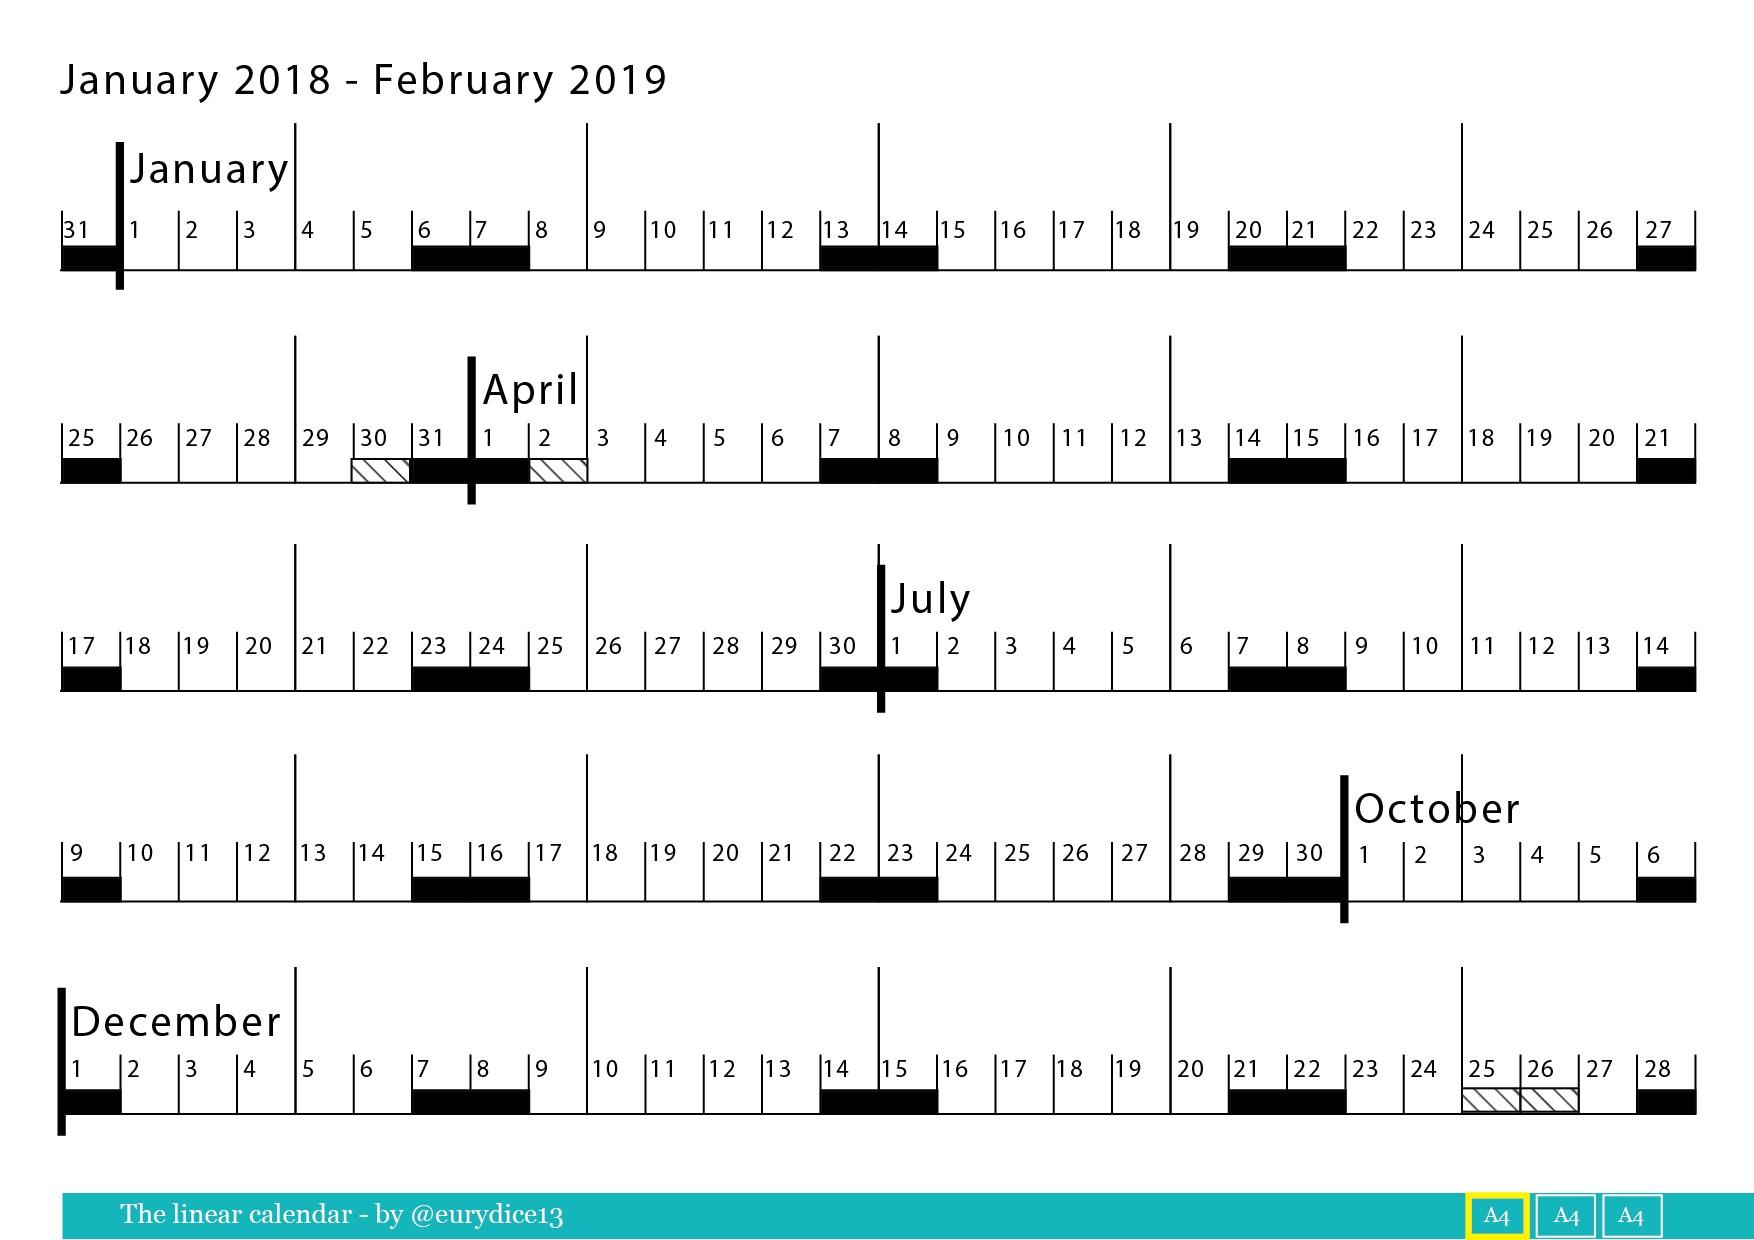 Calendario 2019 Y 2020 Excel Recientes 2019 Printable Calendar Strip Of Calendario 2019 Y 2020 Excel Más Caliente Excel In Pdf Dann Kalender 2019 Ausdrucken Ferien Feiertage